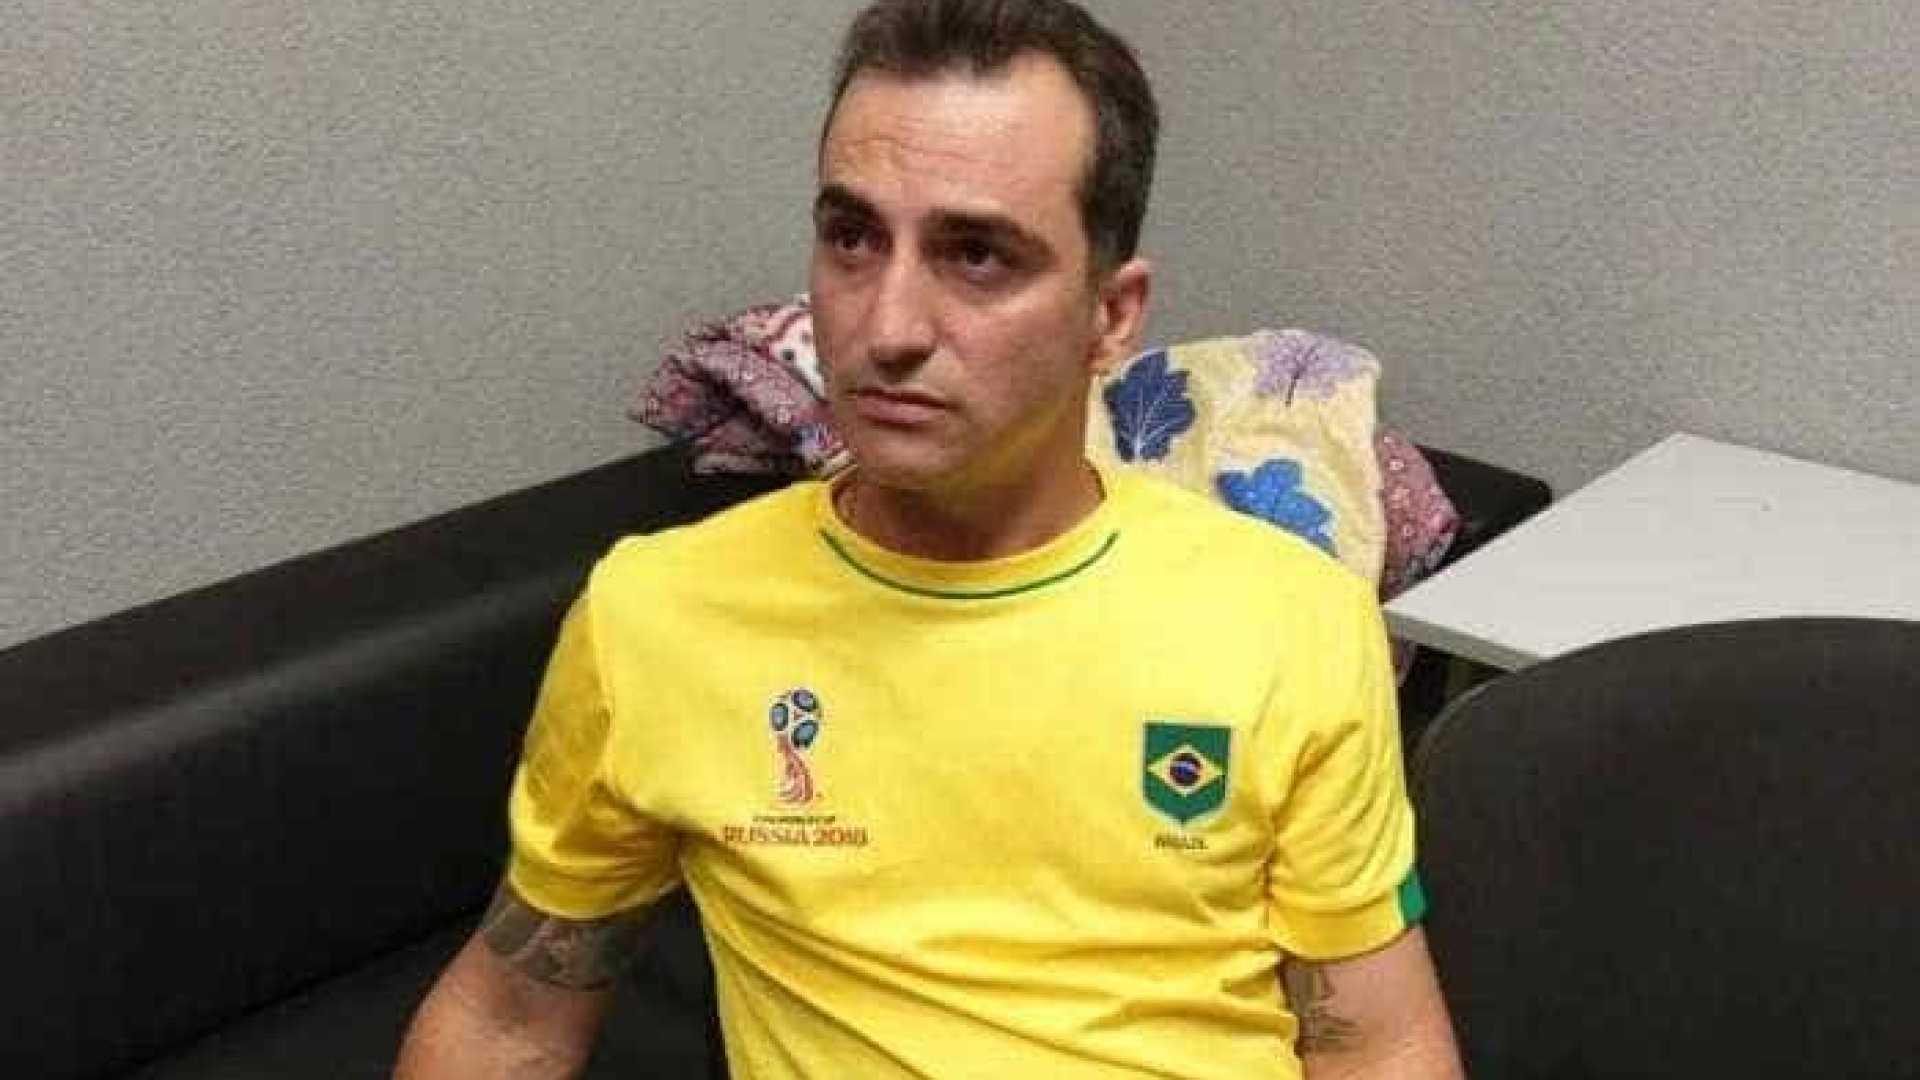 Identificado brasileiro preso durante jogo do Brasil na Rússia